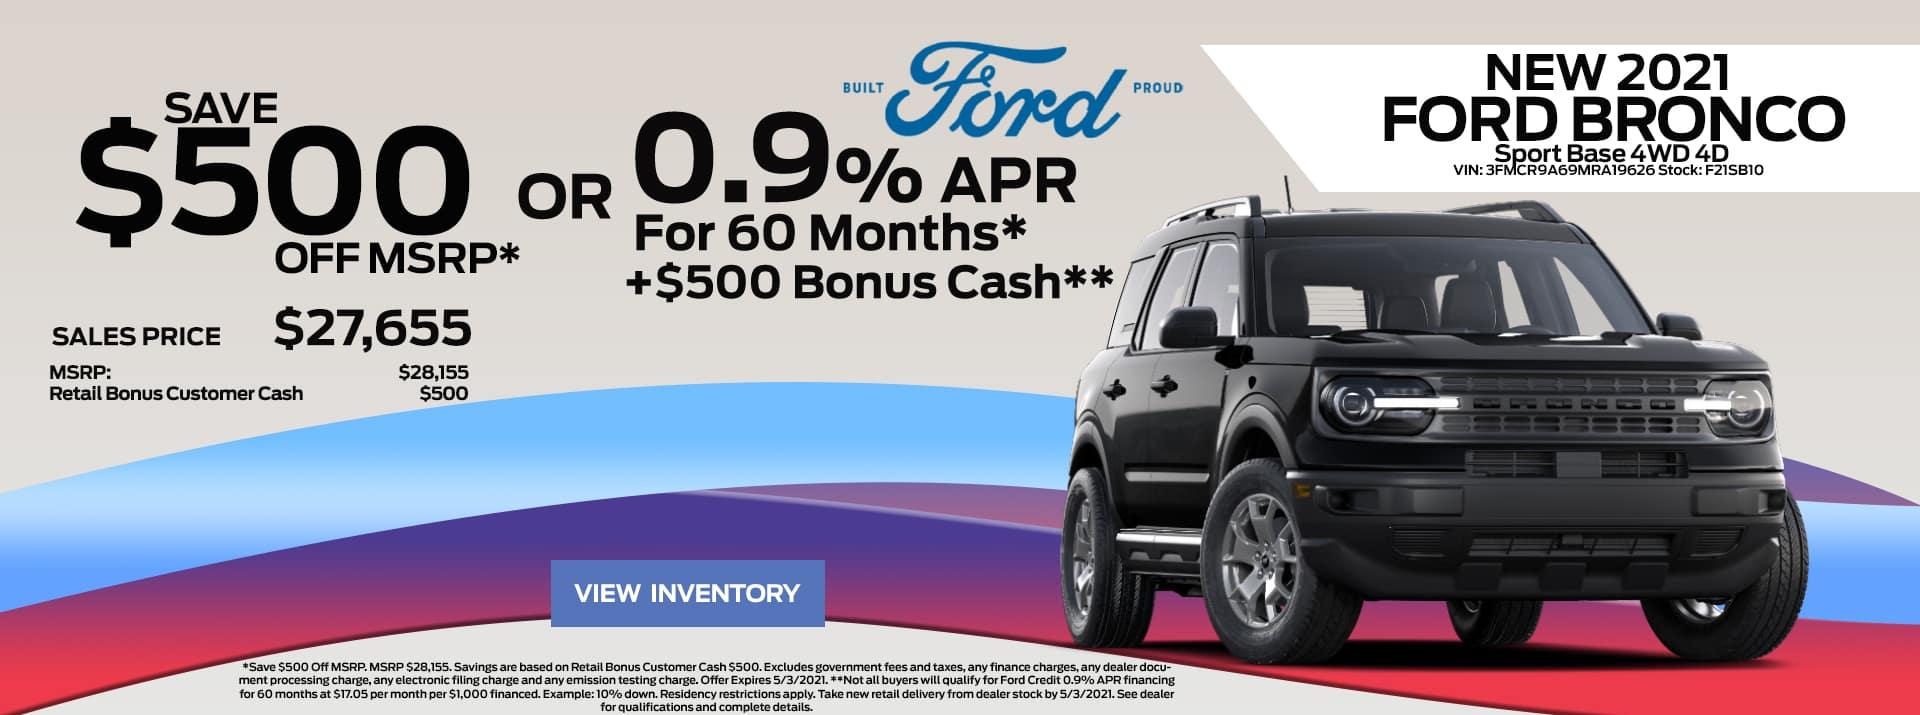 R_April_2021 Bronco Sale FF